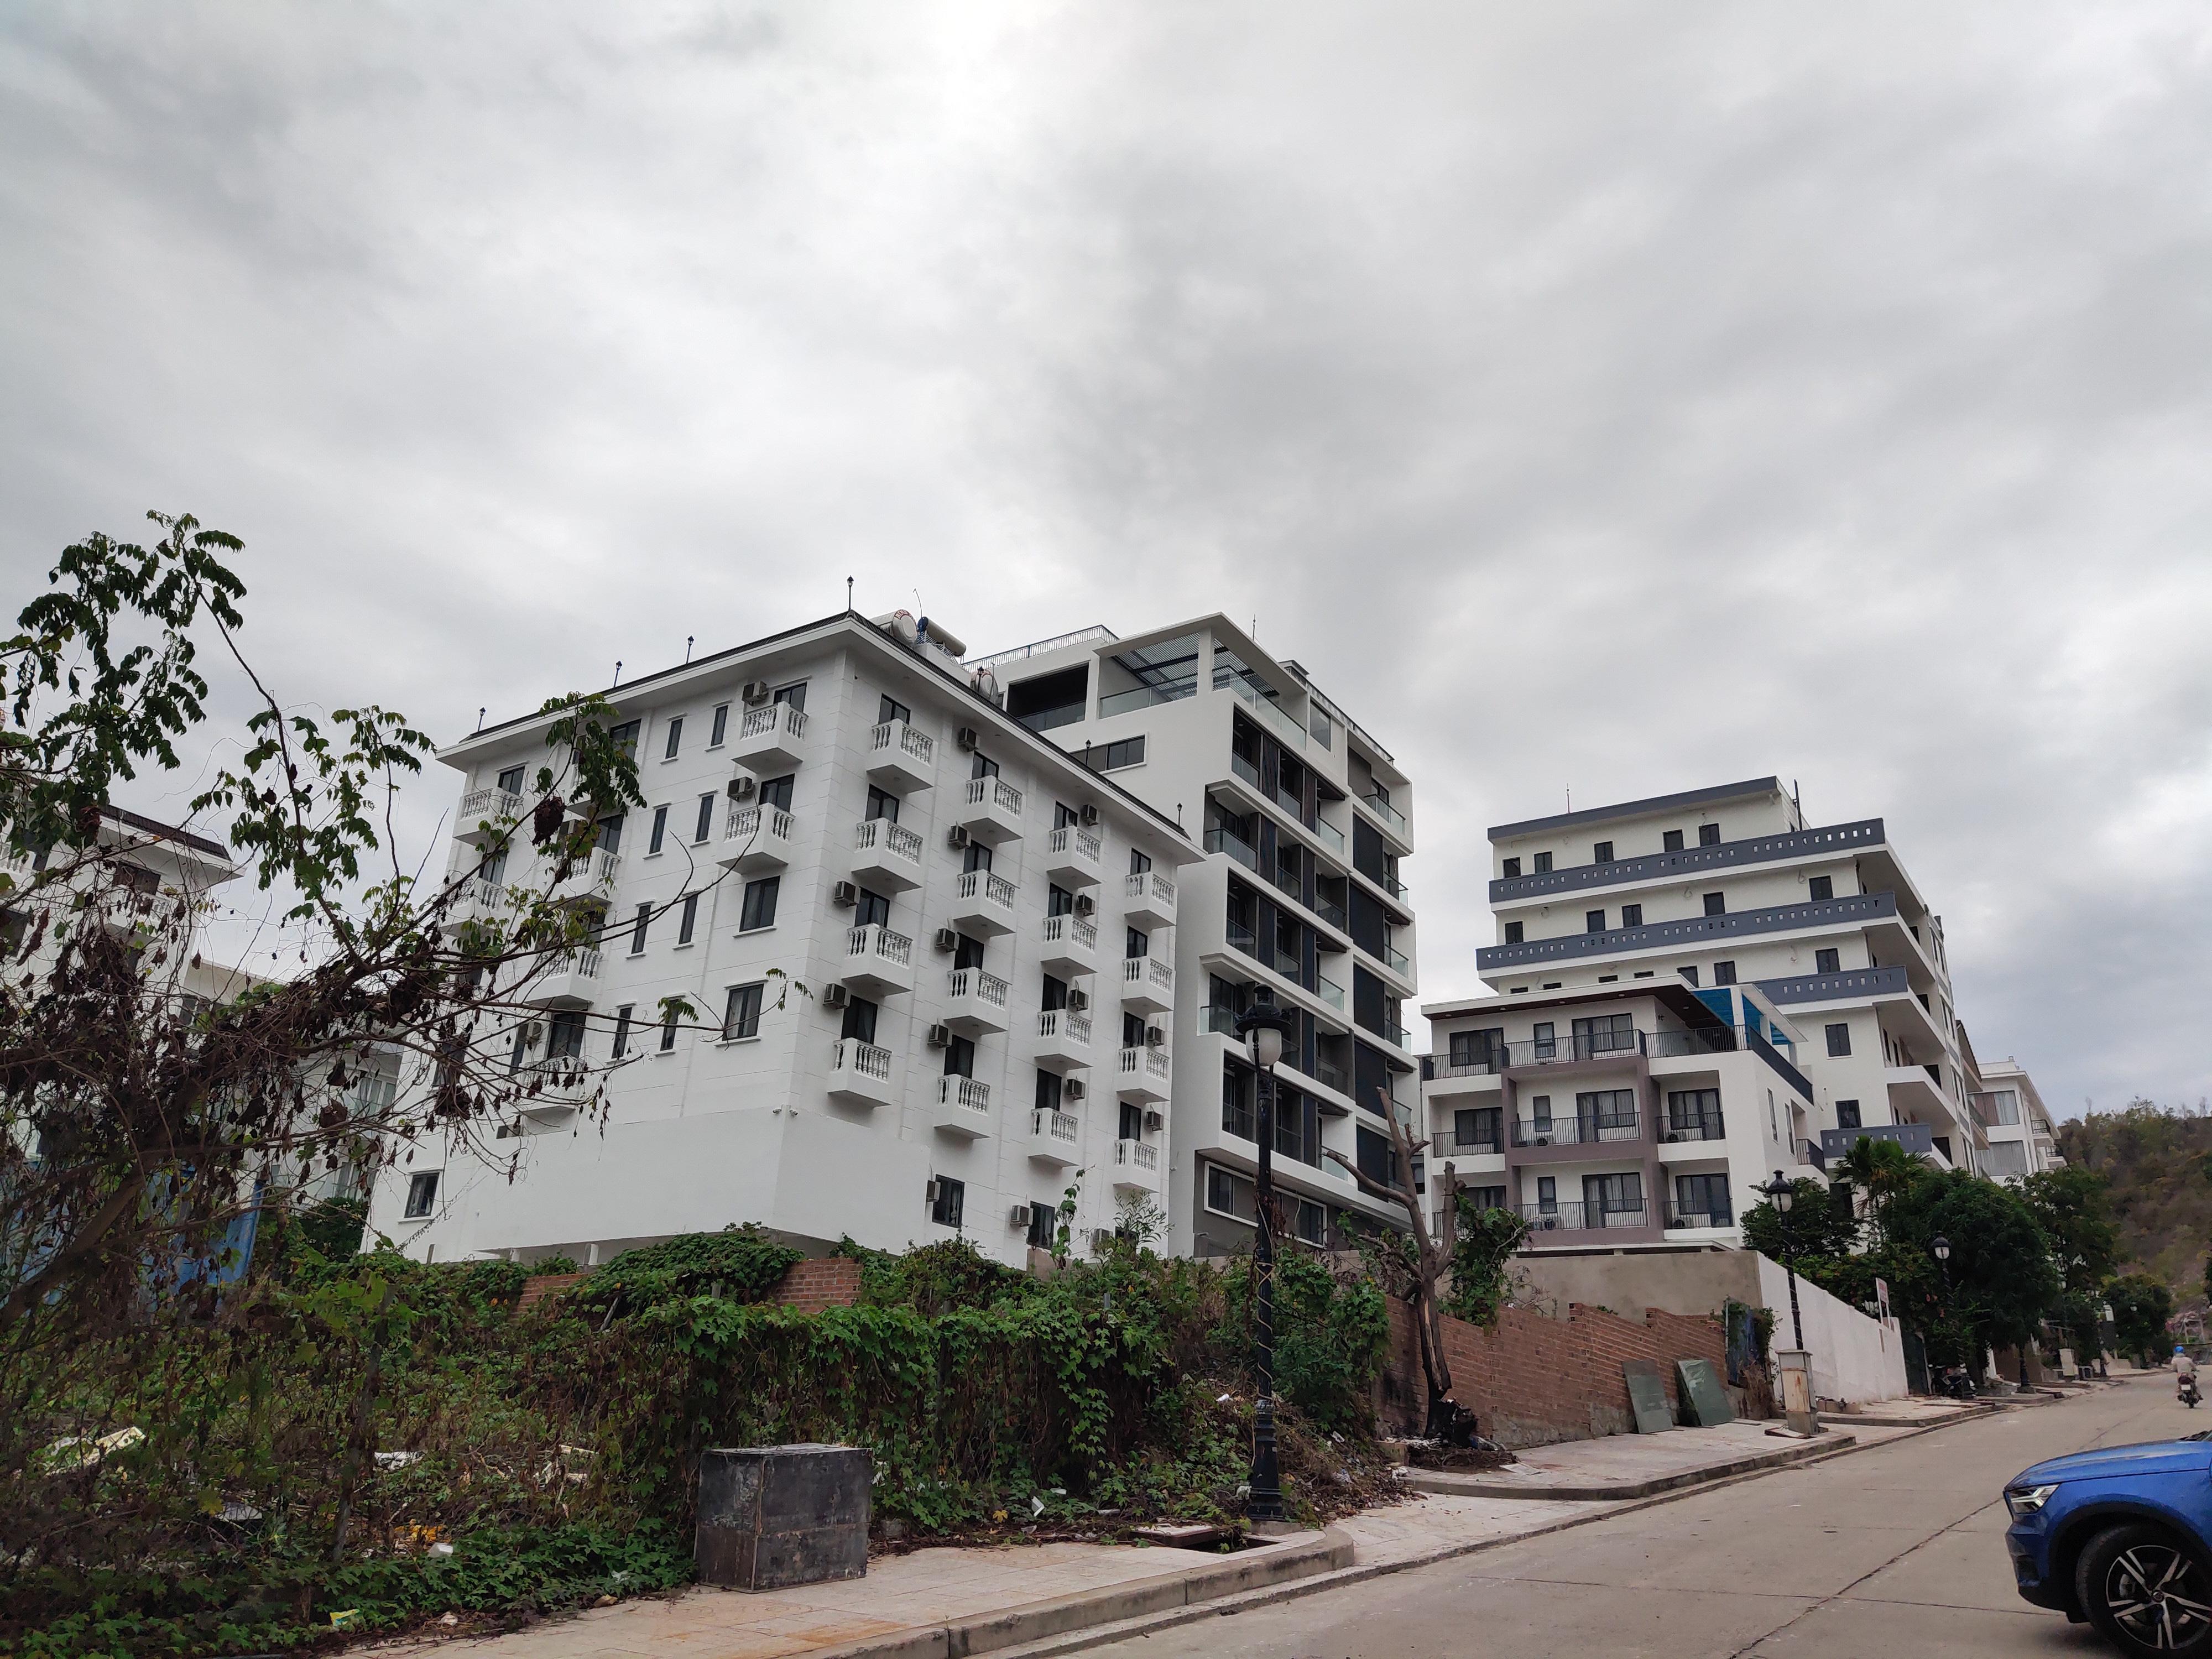 Khánh Hòa 'bất lực' với các công trình sai phạm tại dự án Ocean View Nha Trang - Ảnh 3.